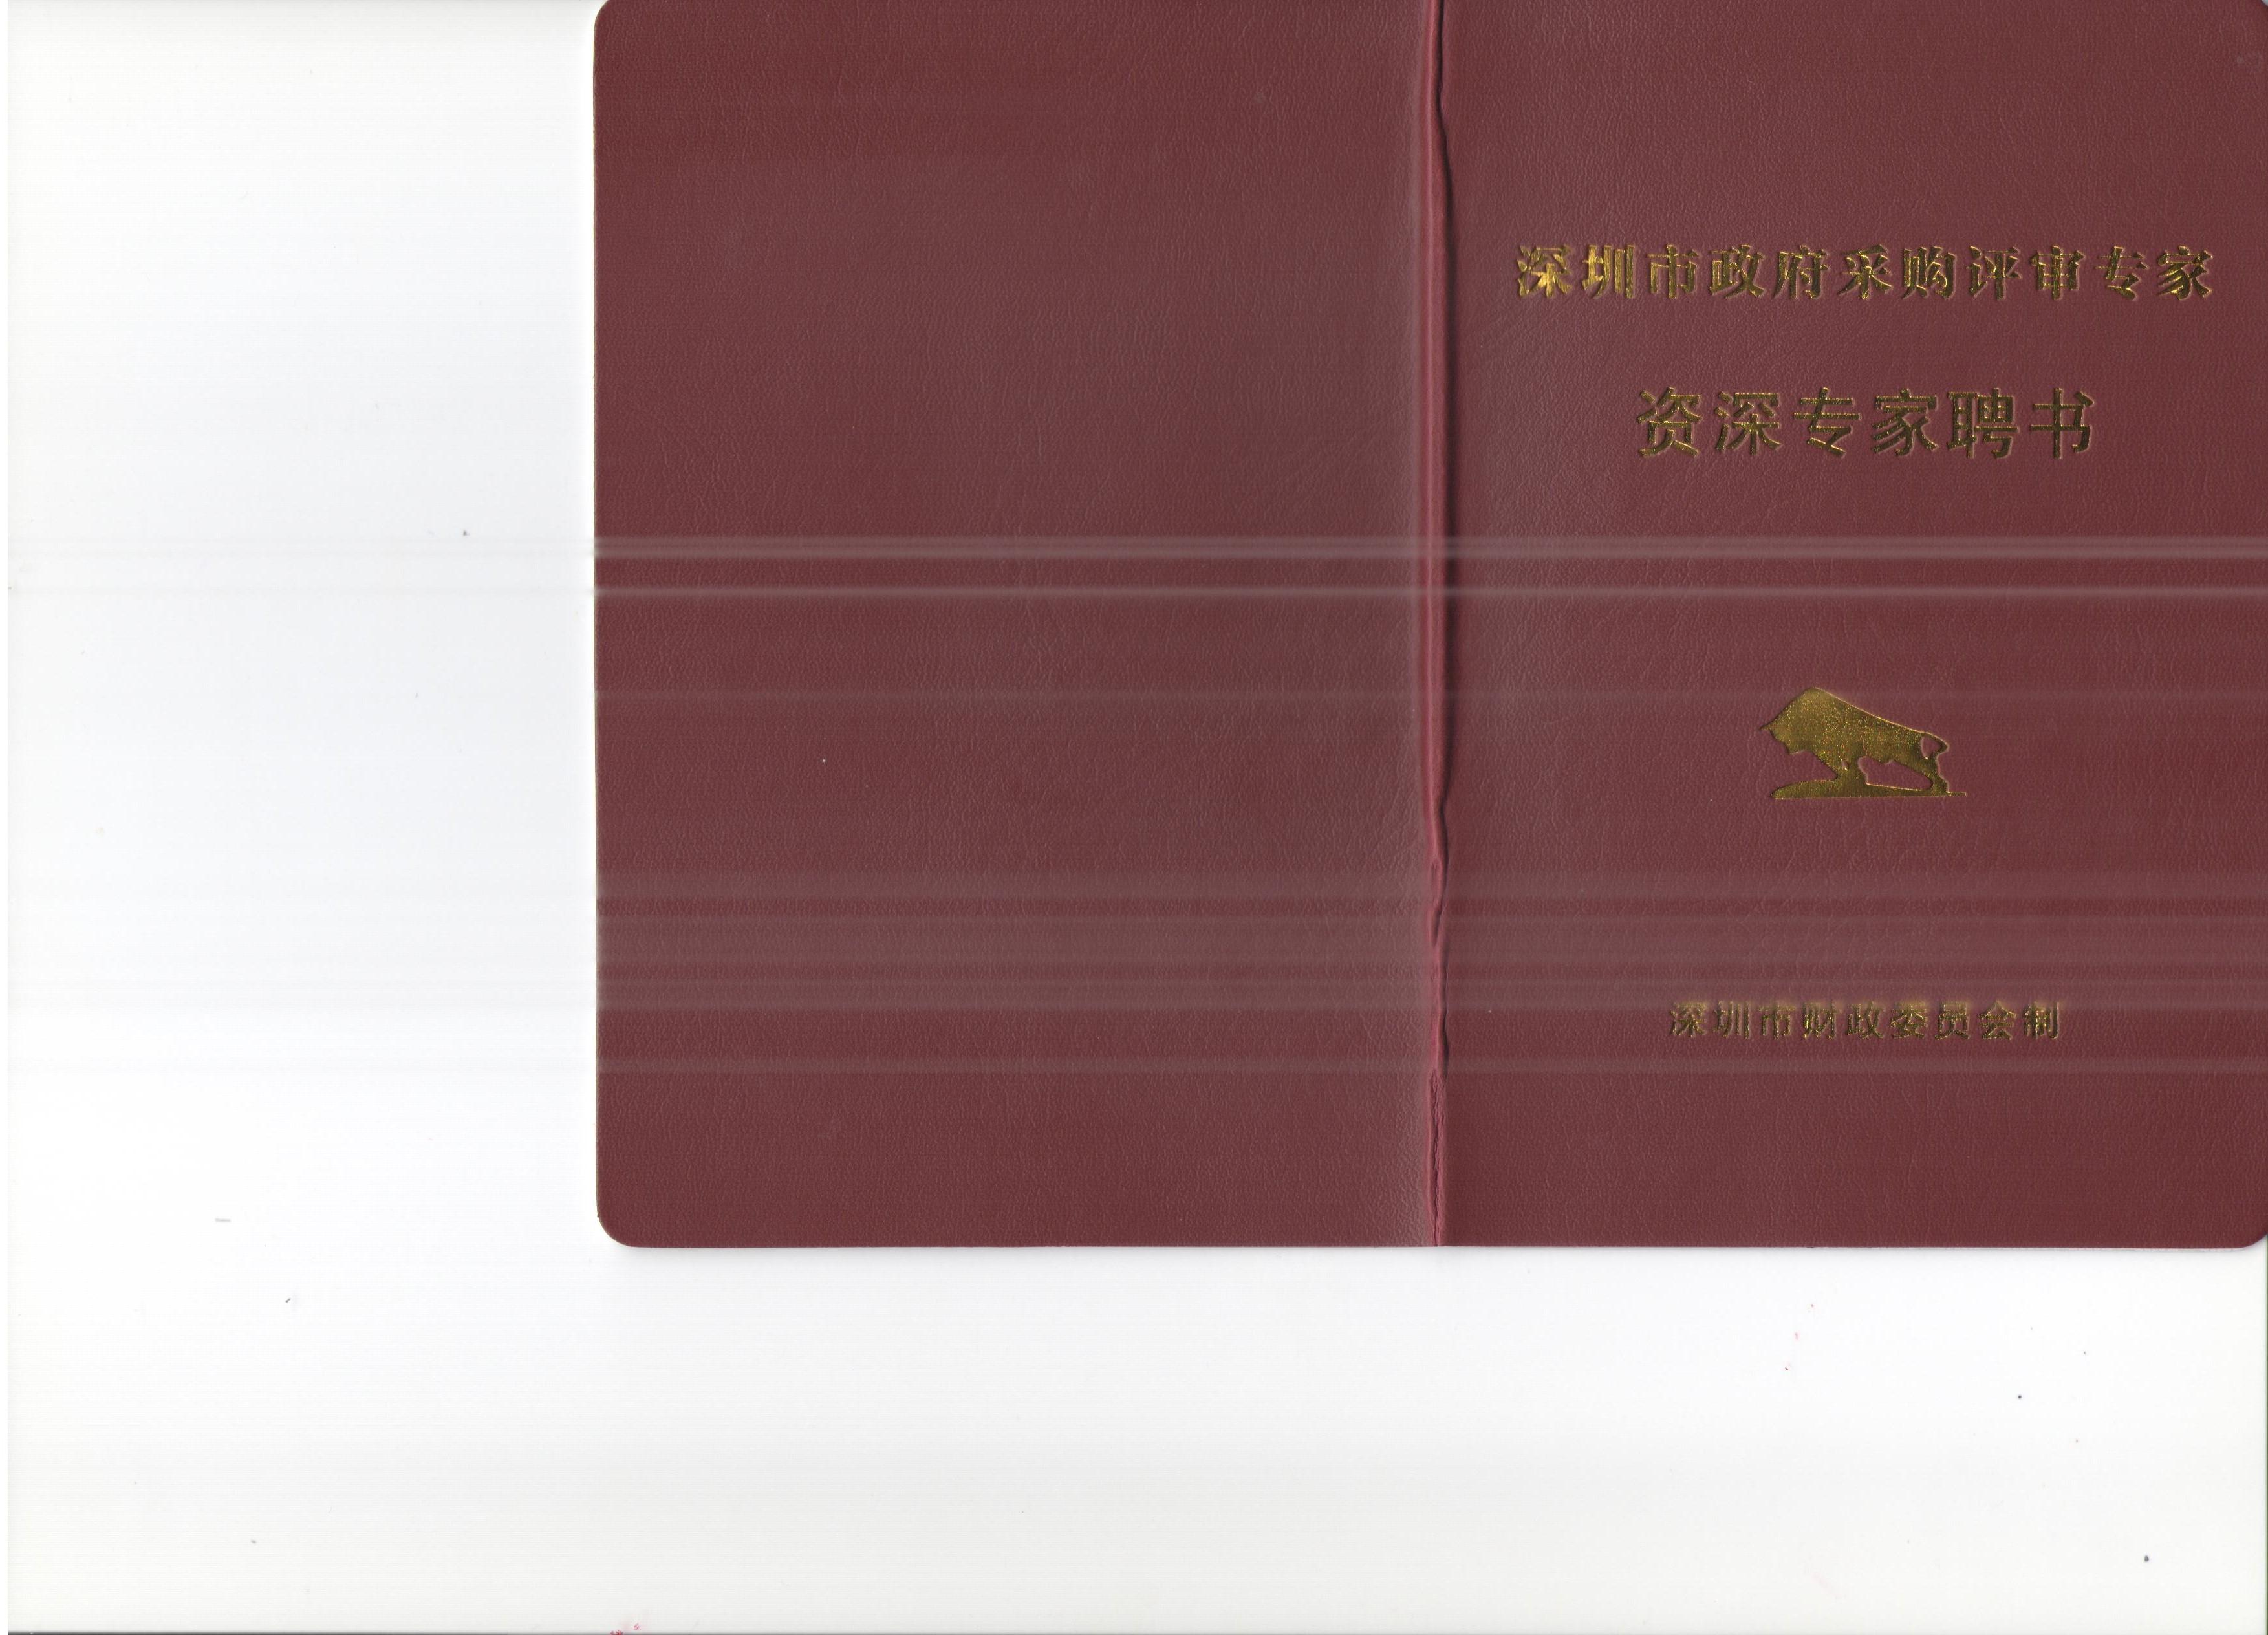 政府采购专家证封面(1).jpg